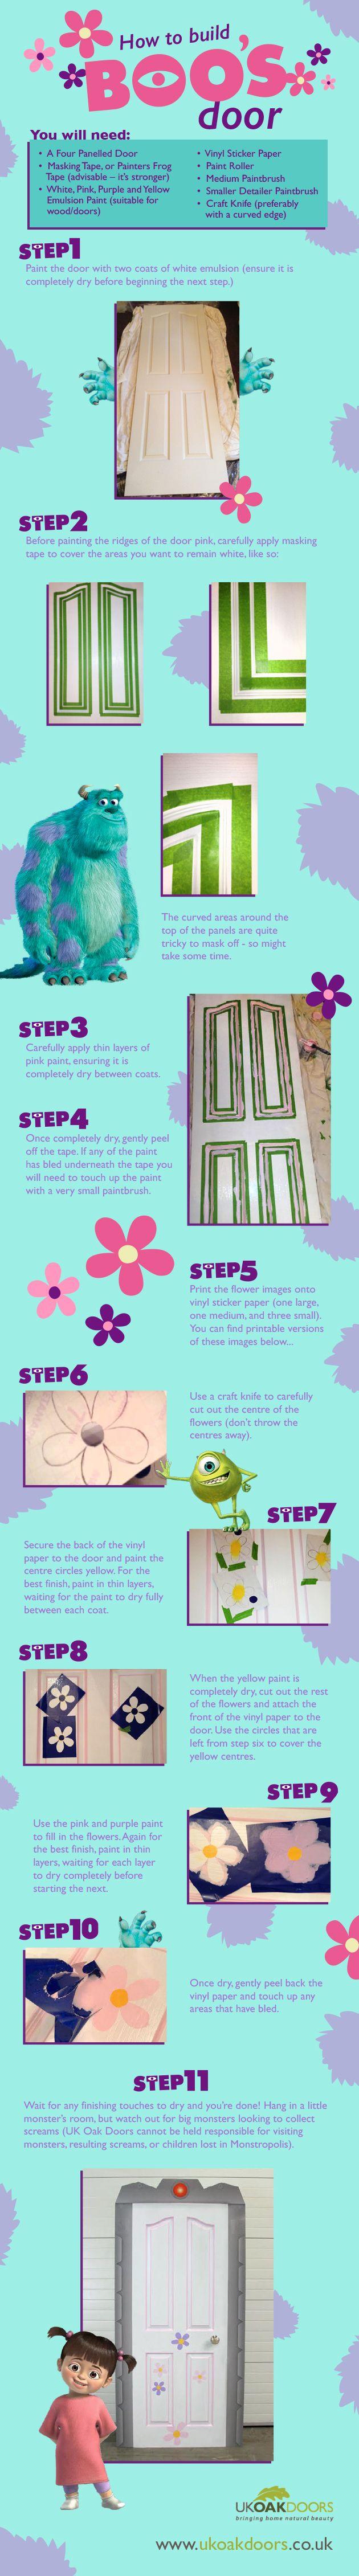 How to Build Boo's Door - Monsters Inc